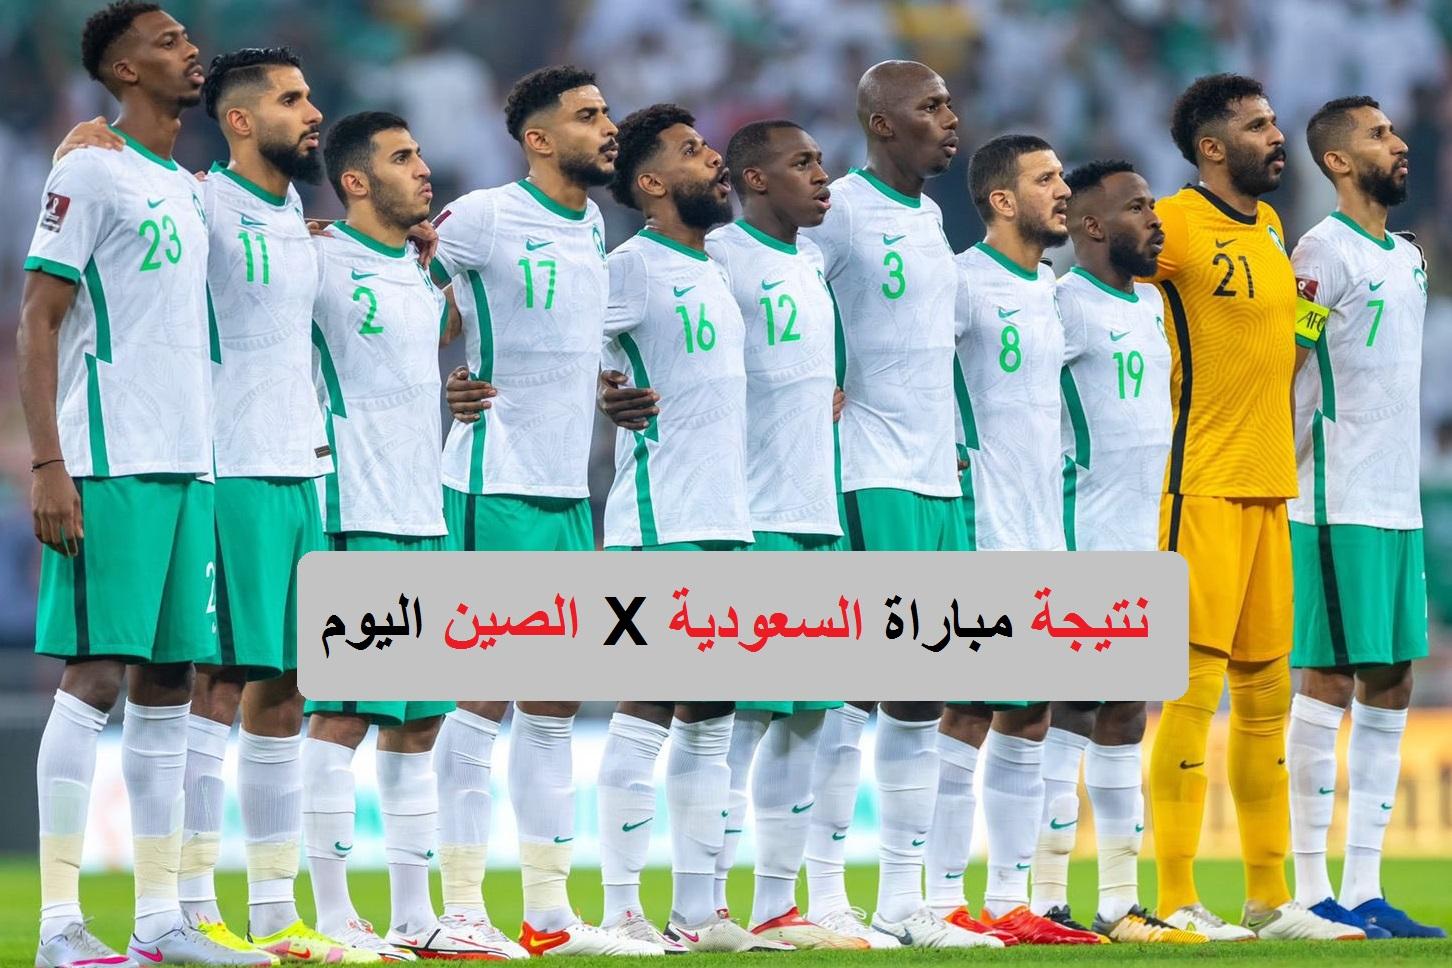 نتيجة مباراة السعودية والصين اليوم AFC وترتيب الأخضر في تصفيات كأس العالم 2022 الآن